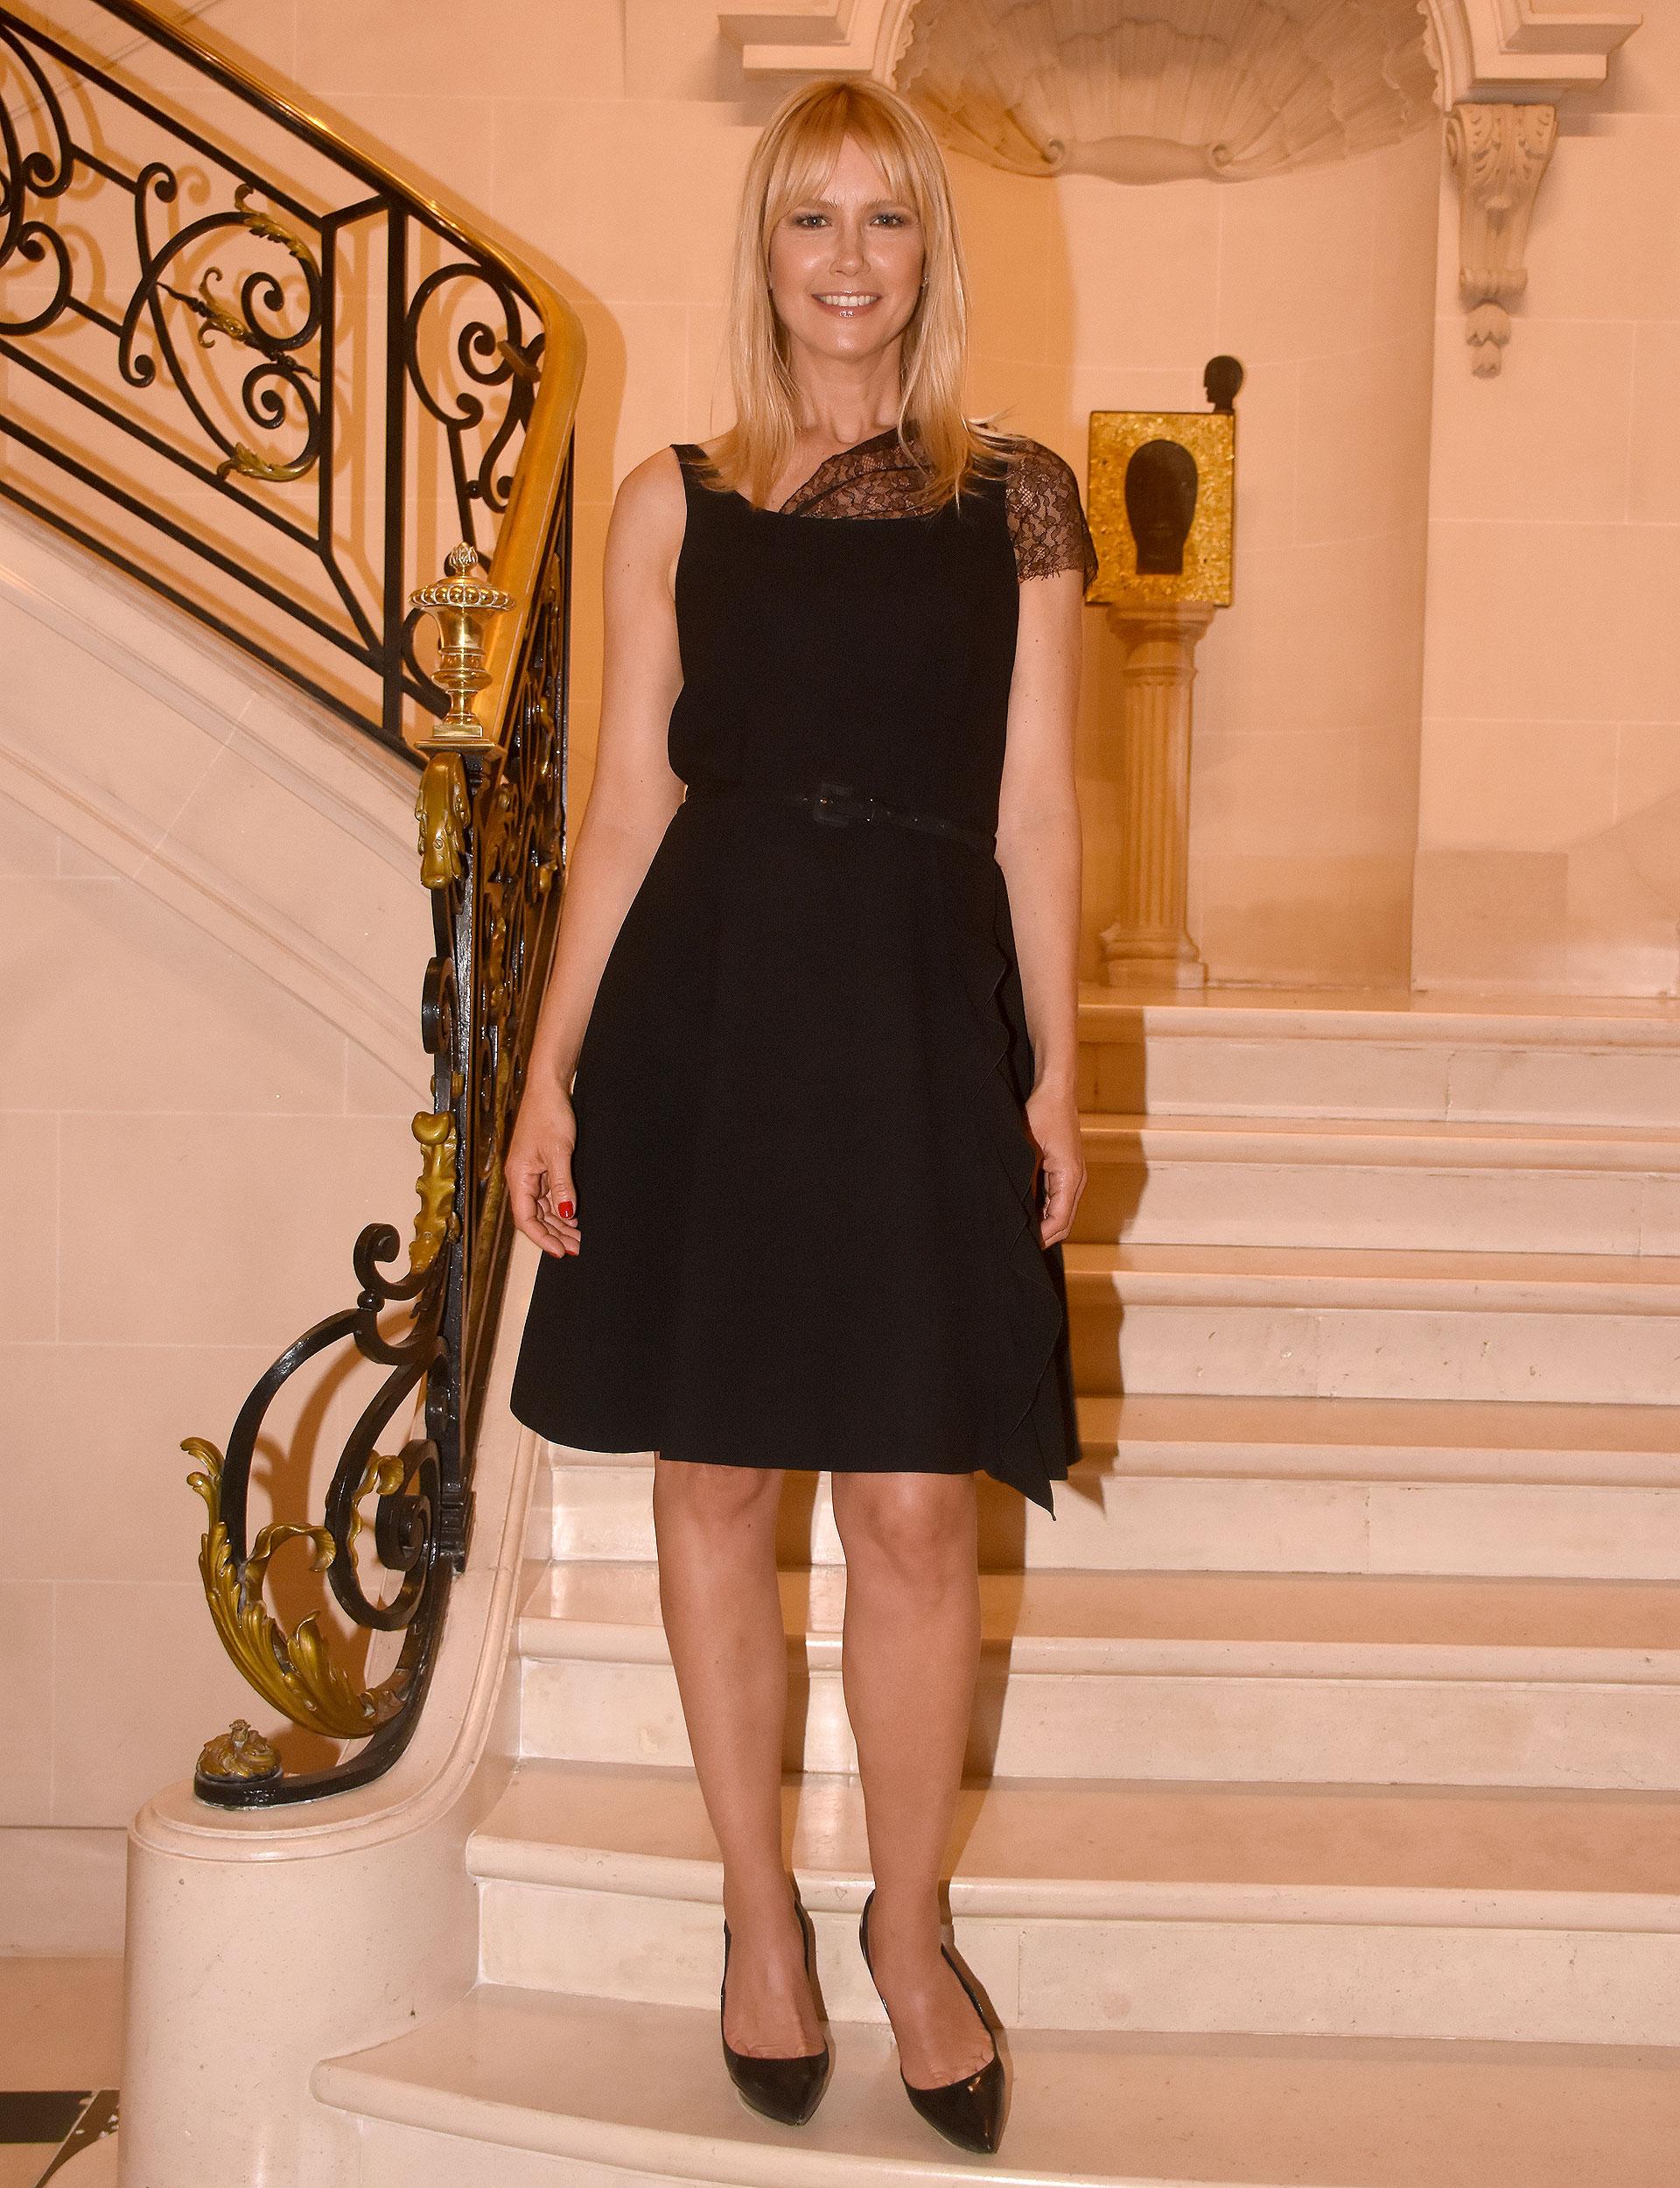 Valeria Mazza en la imponente escalera de la Residencia del embajador italiano